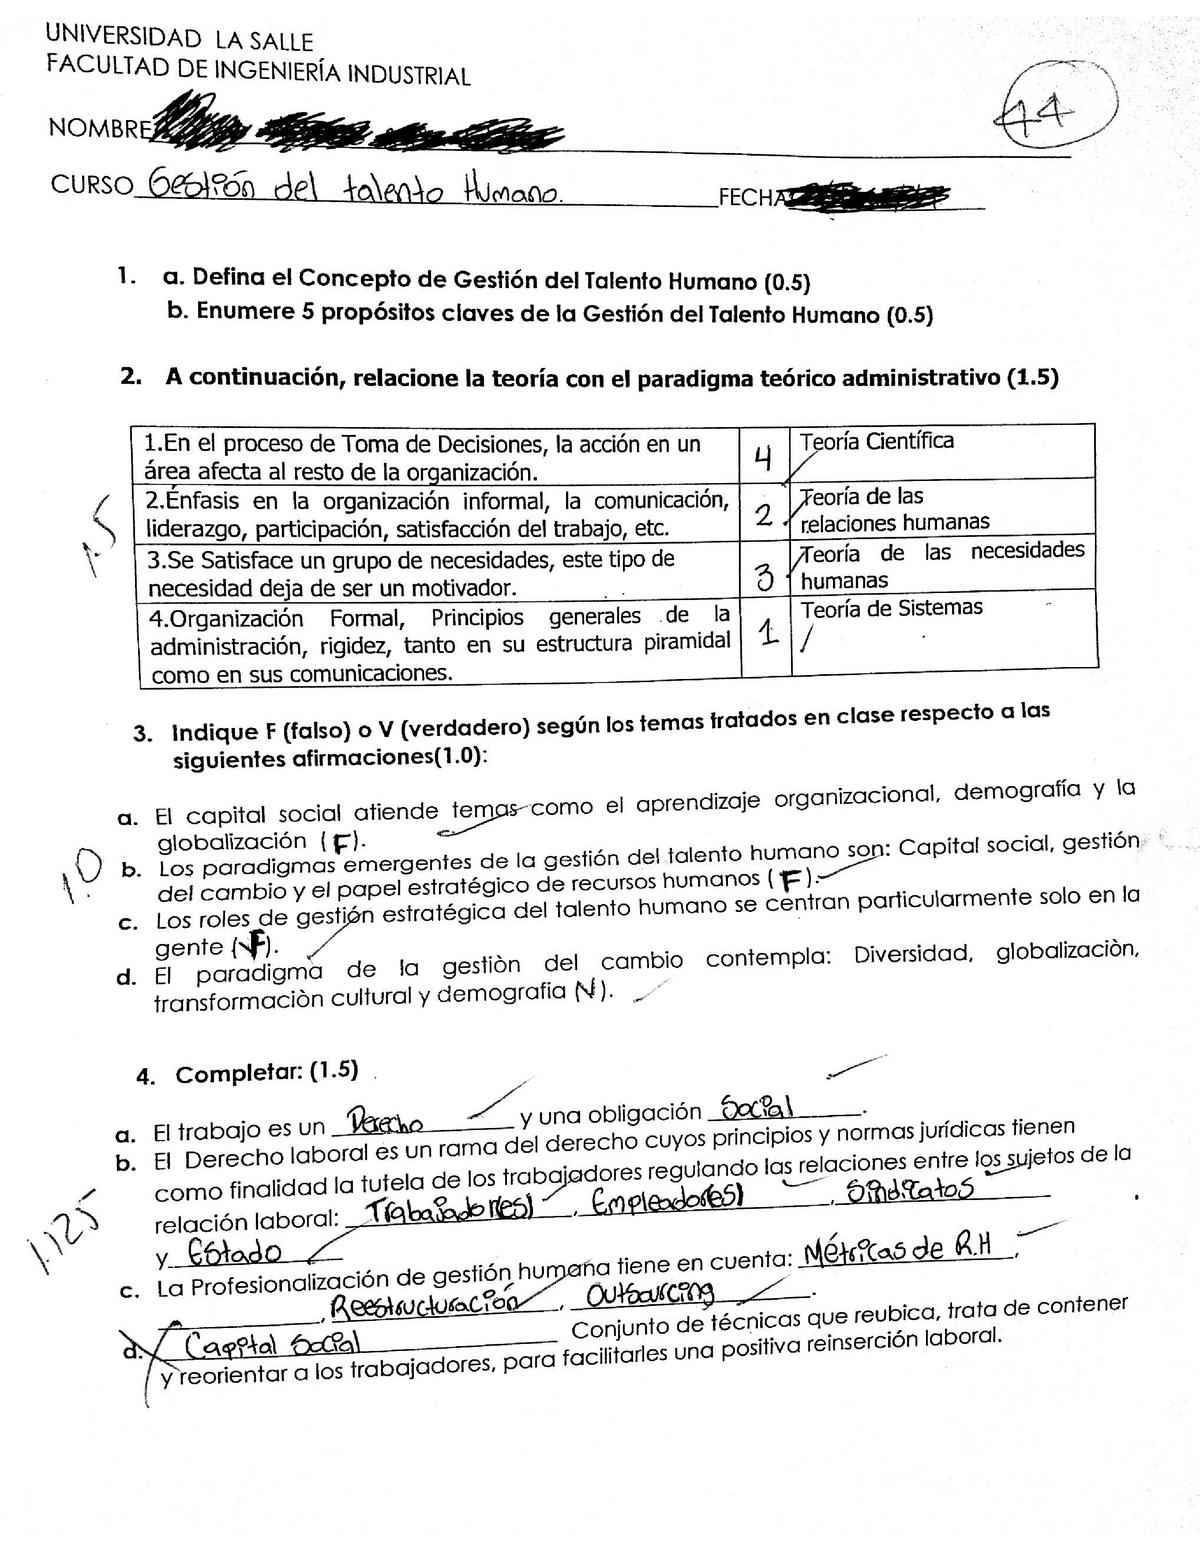 Examen 2019 Preguntas Y Respuestas Unisalle Studocu